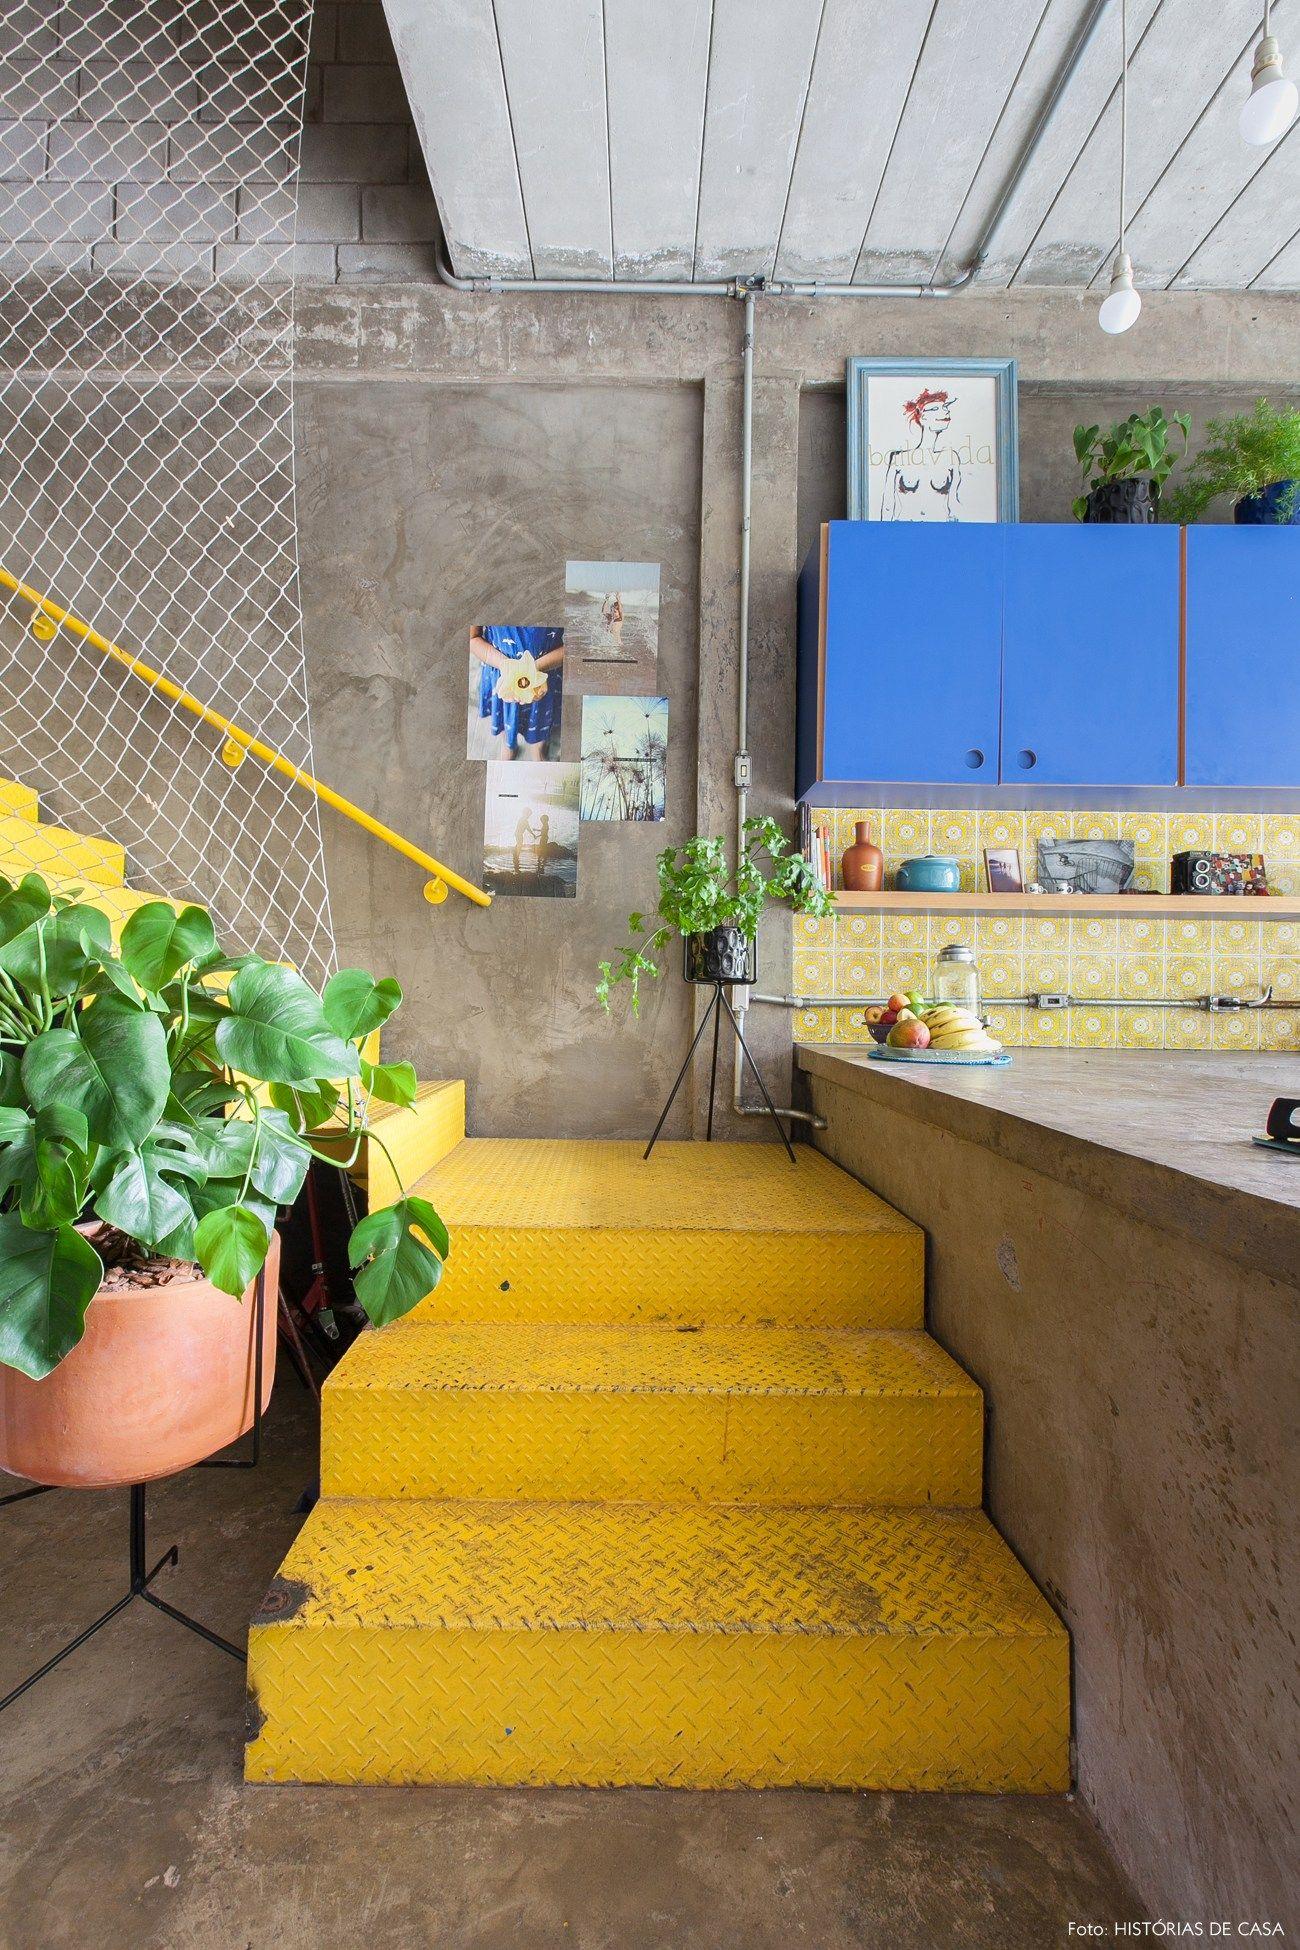 Psicologia da cor em uma cozinha colorida